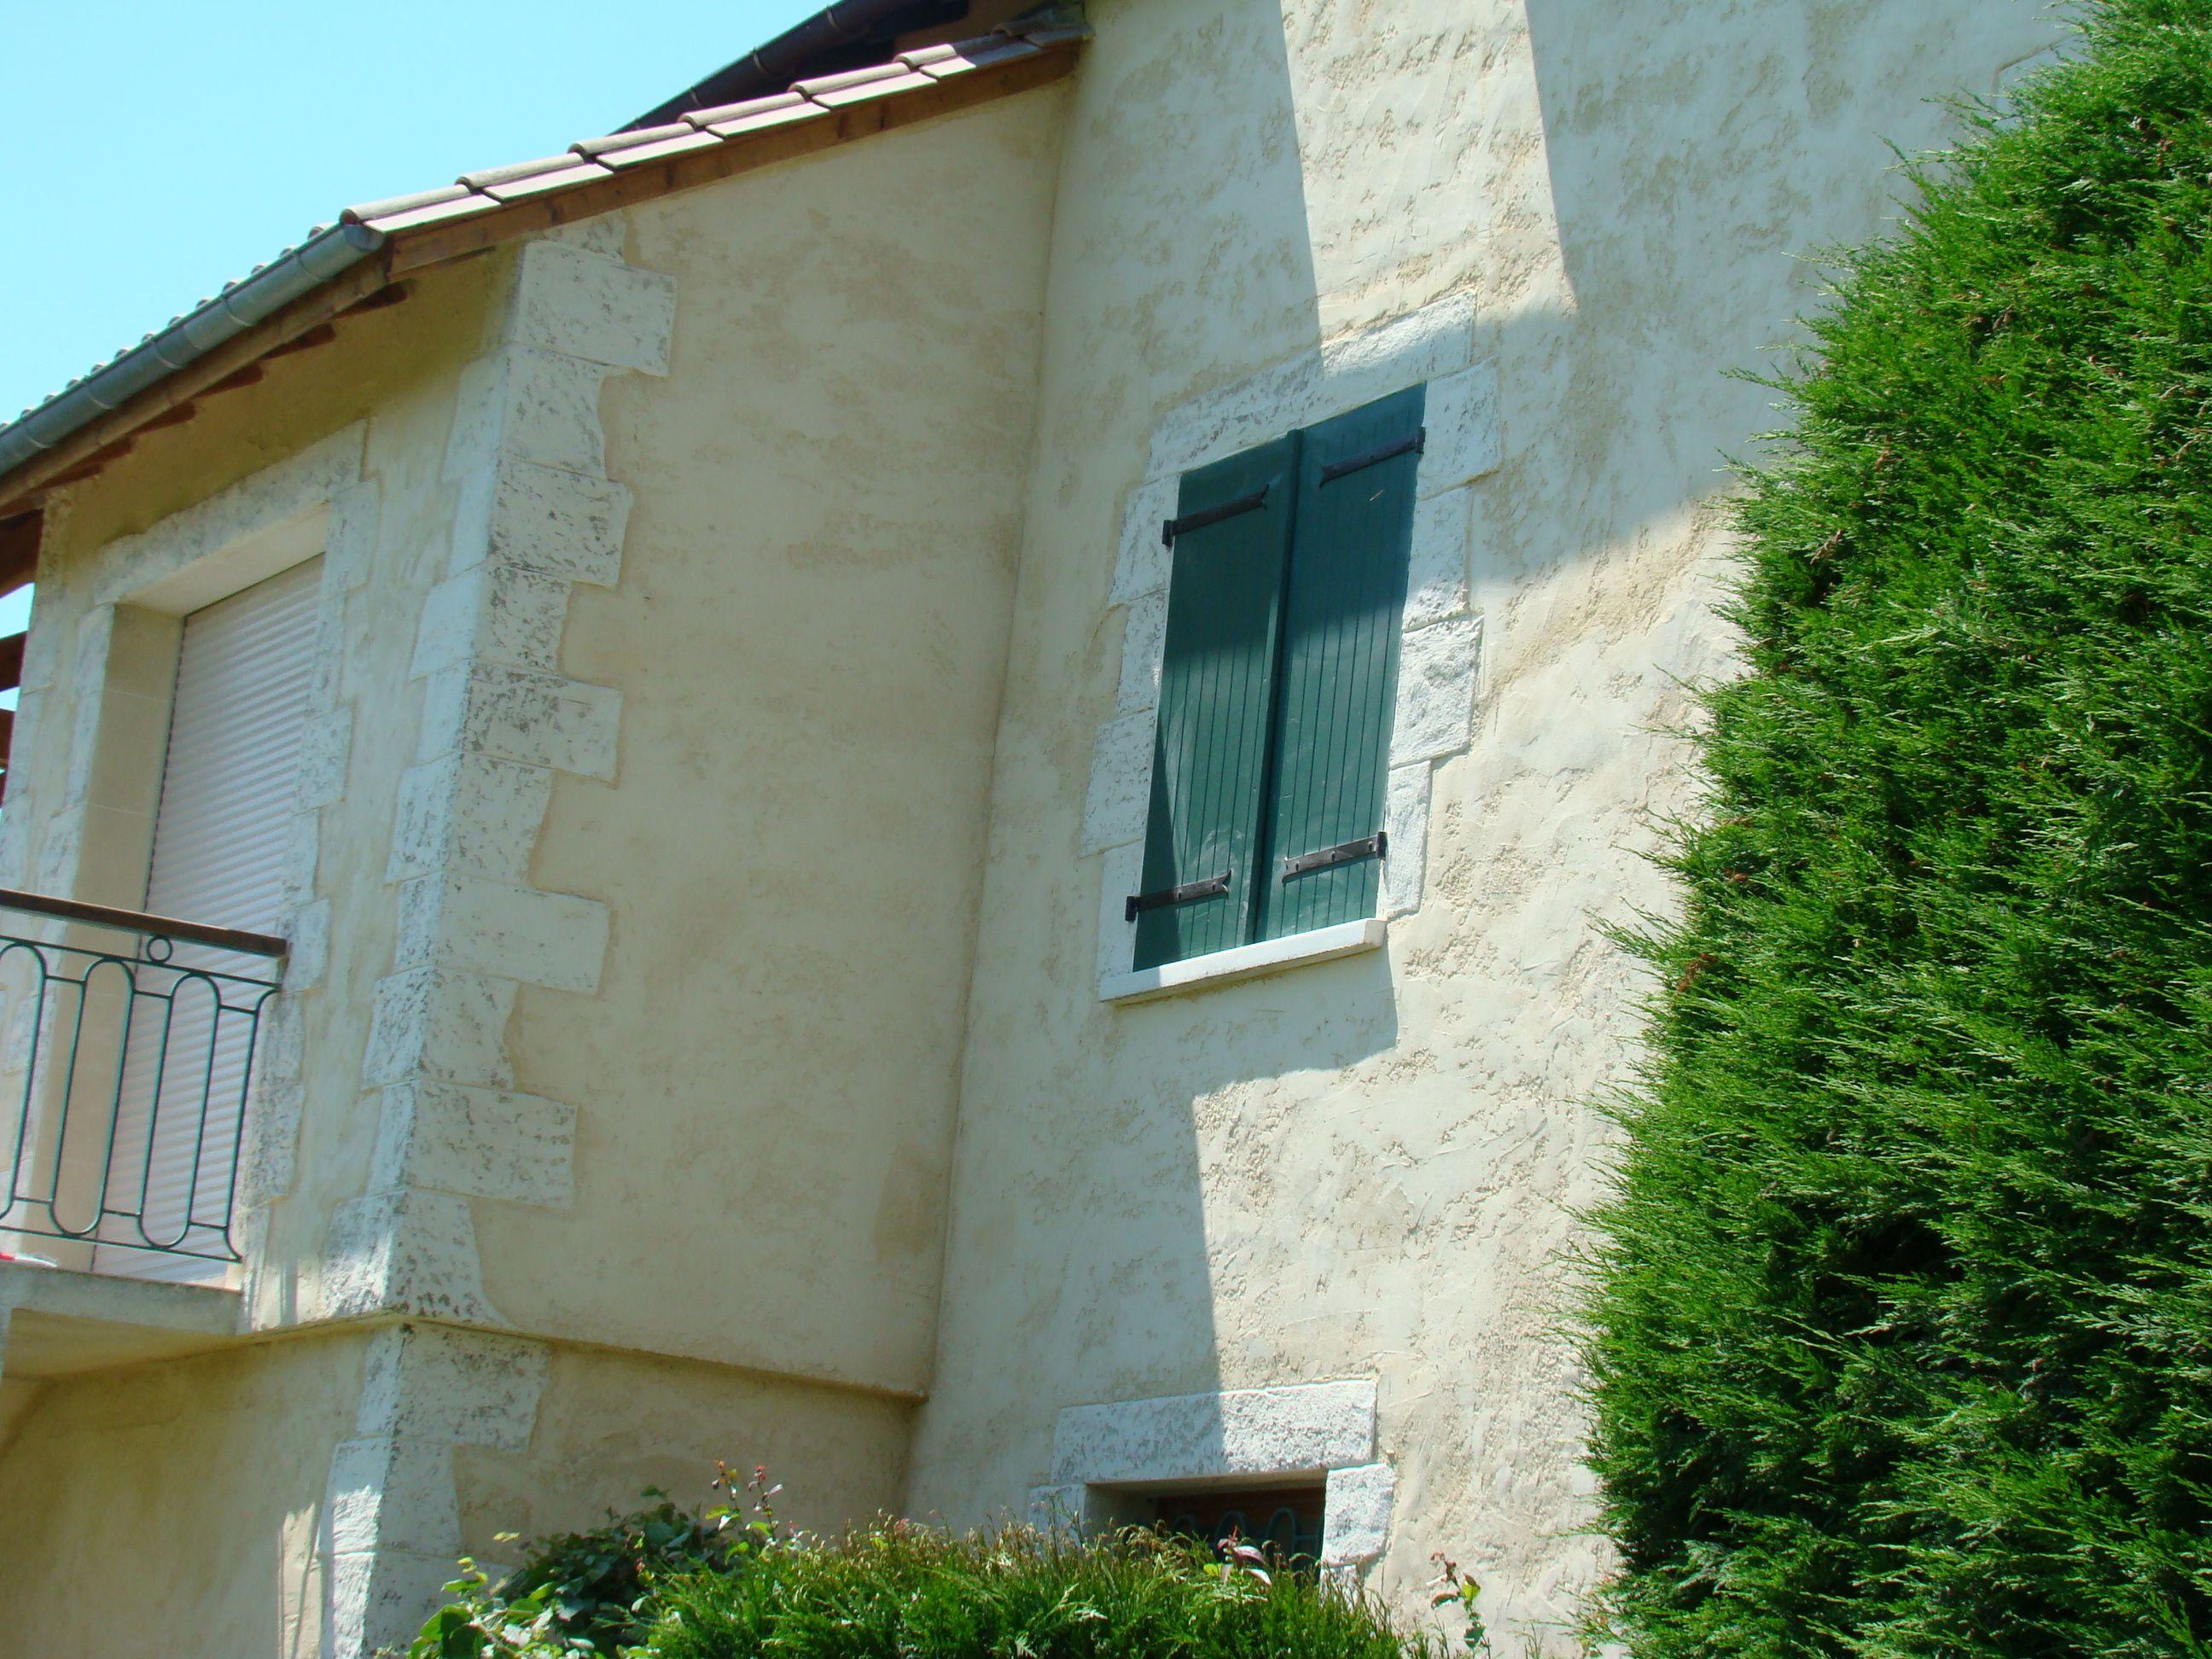 La importancia de los remates en esquinas y ventanas.